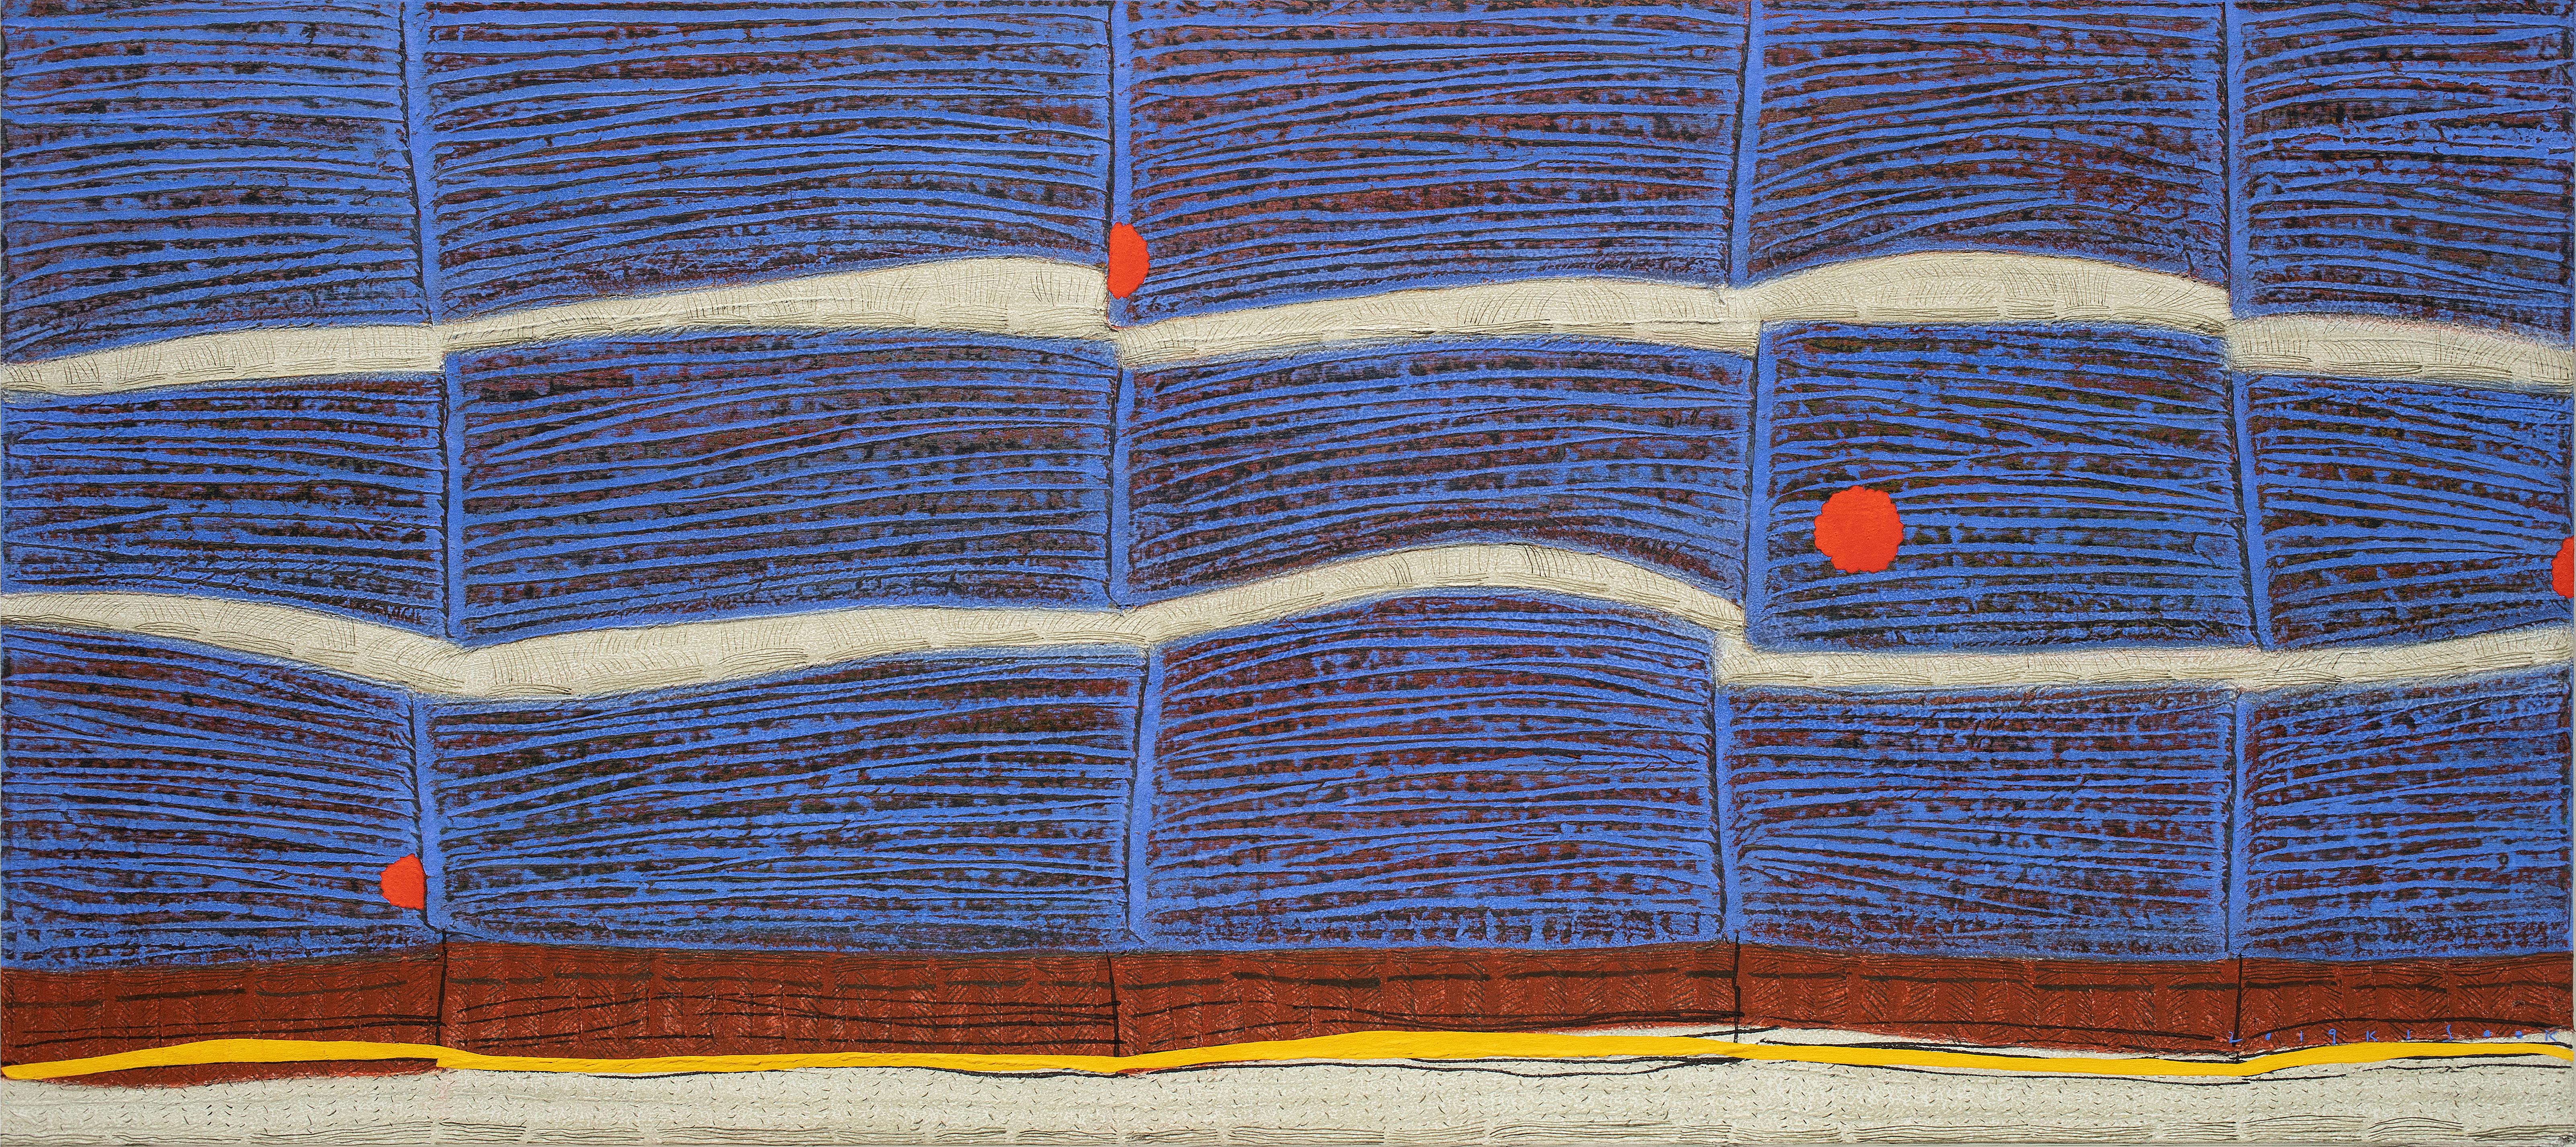 선묘 풍경 A Scenery of Lines 60x135cm 캔버스에 한